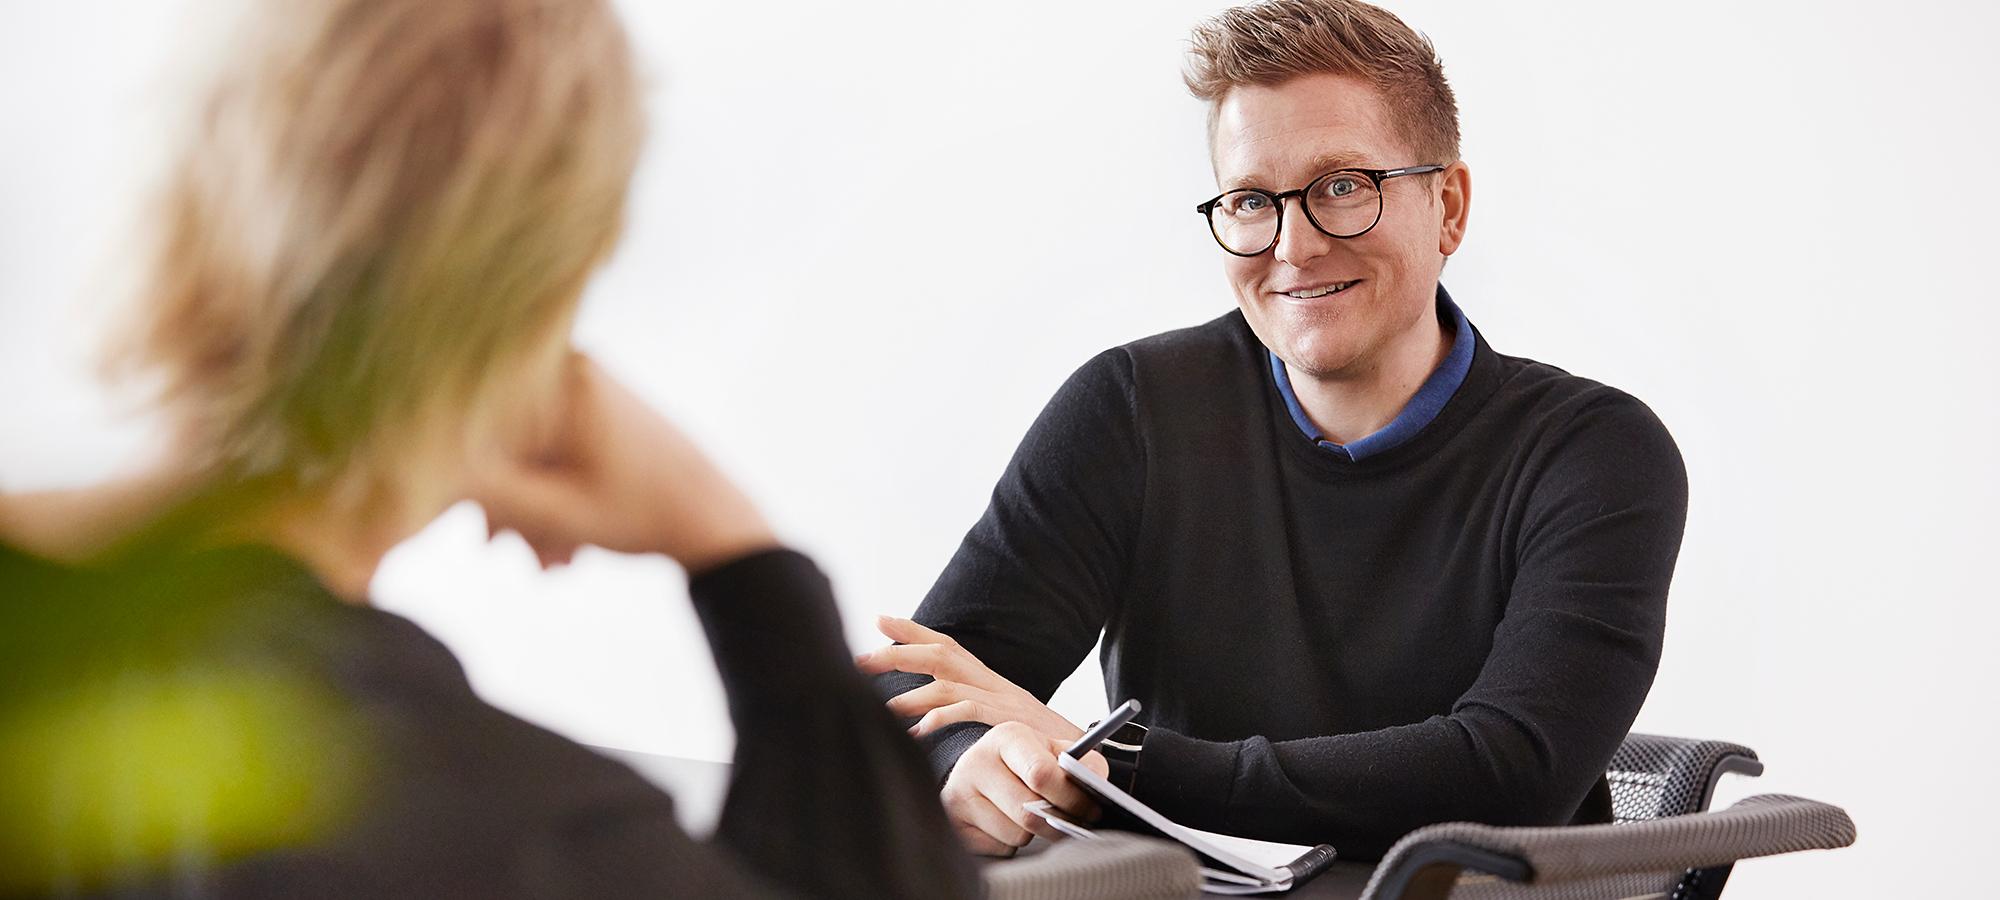 Kvalificering af leads med Valeurs konsulenter